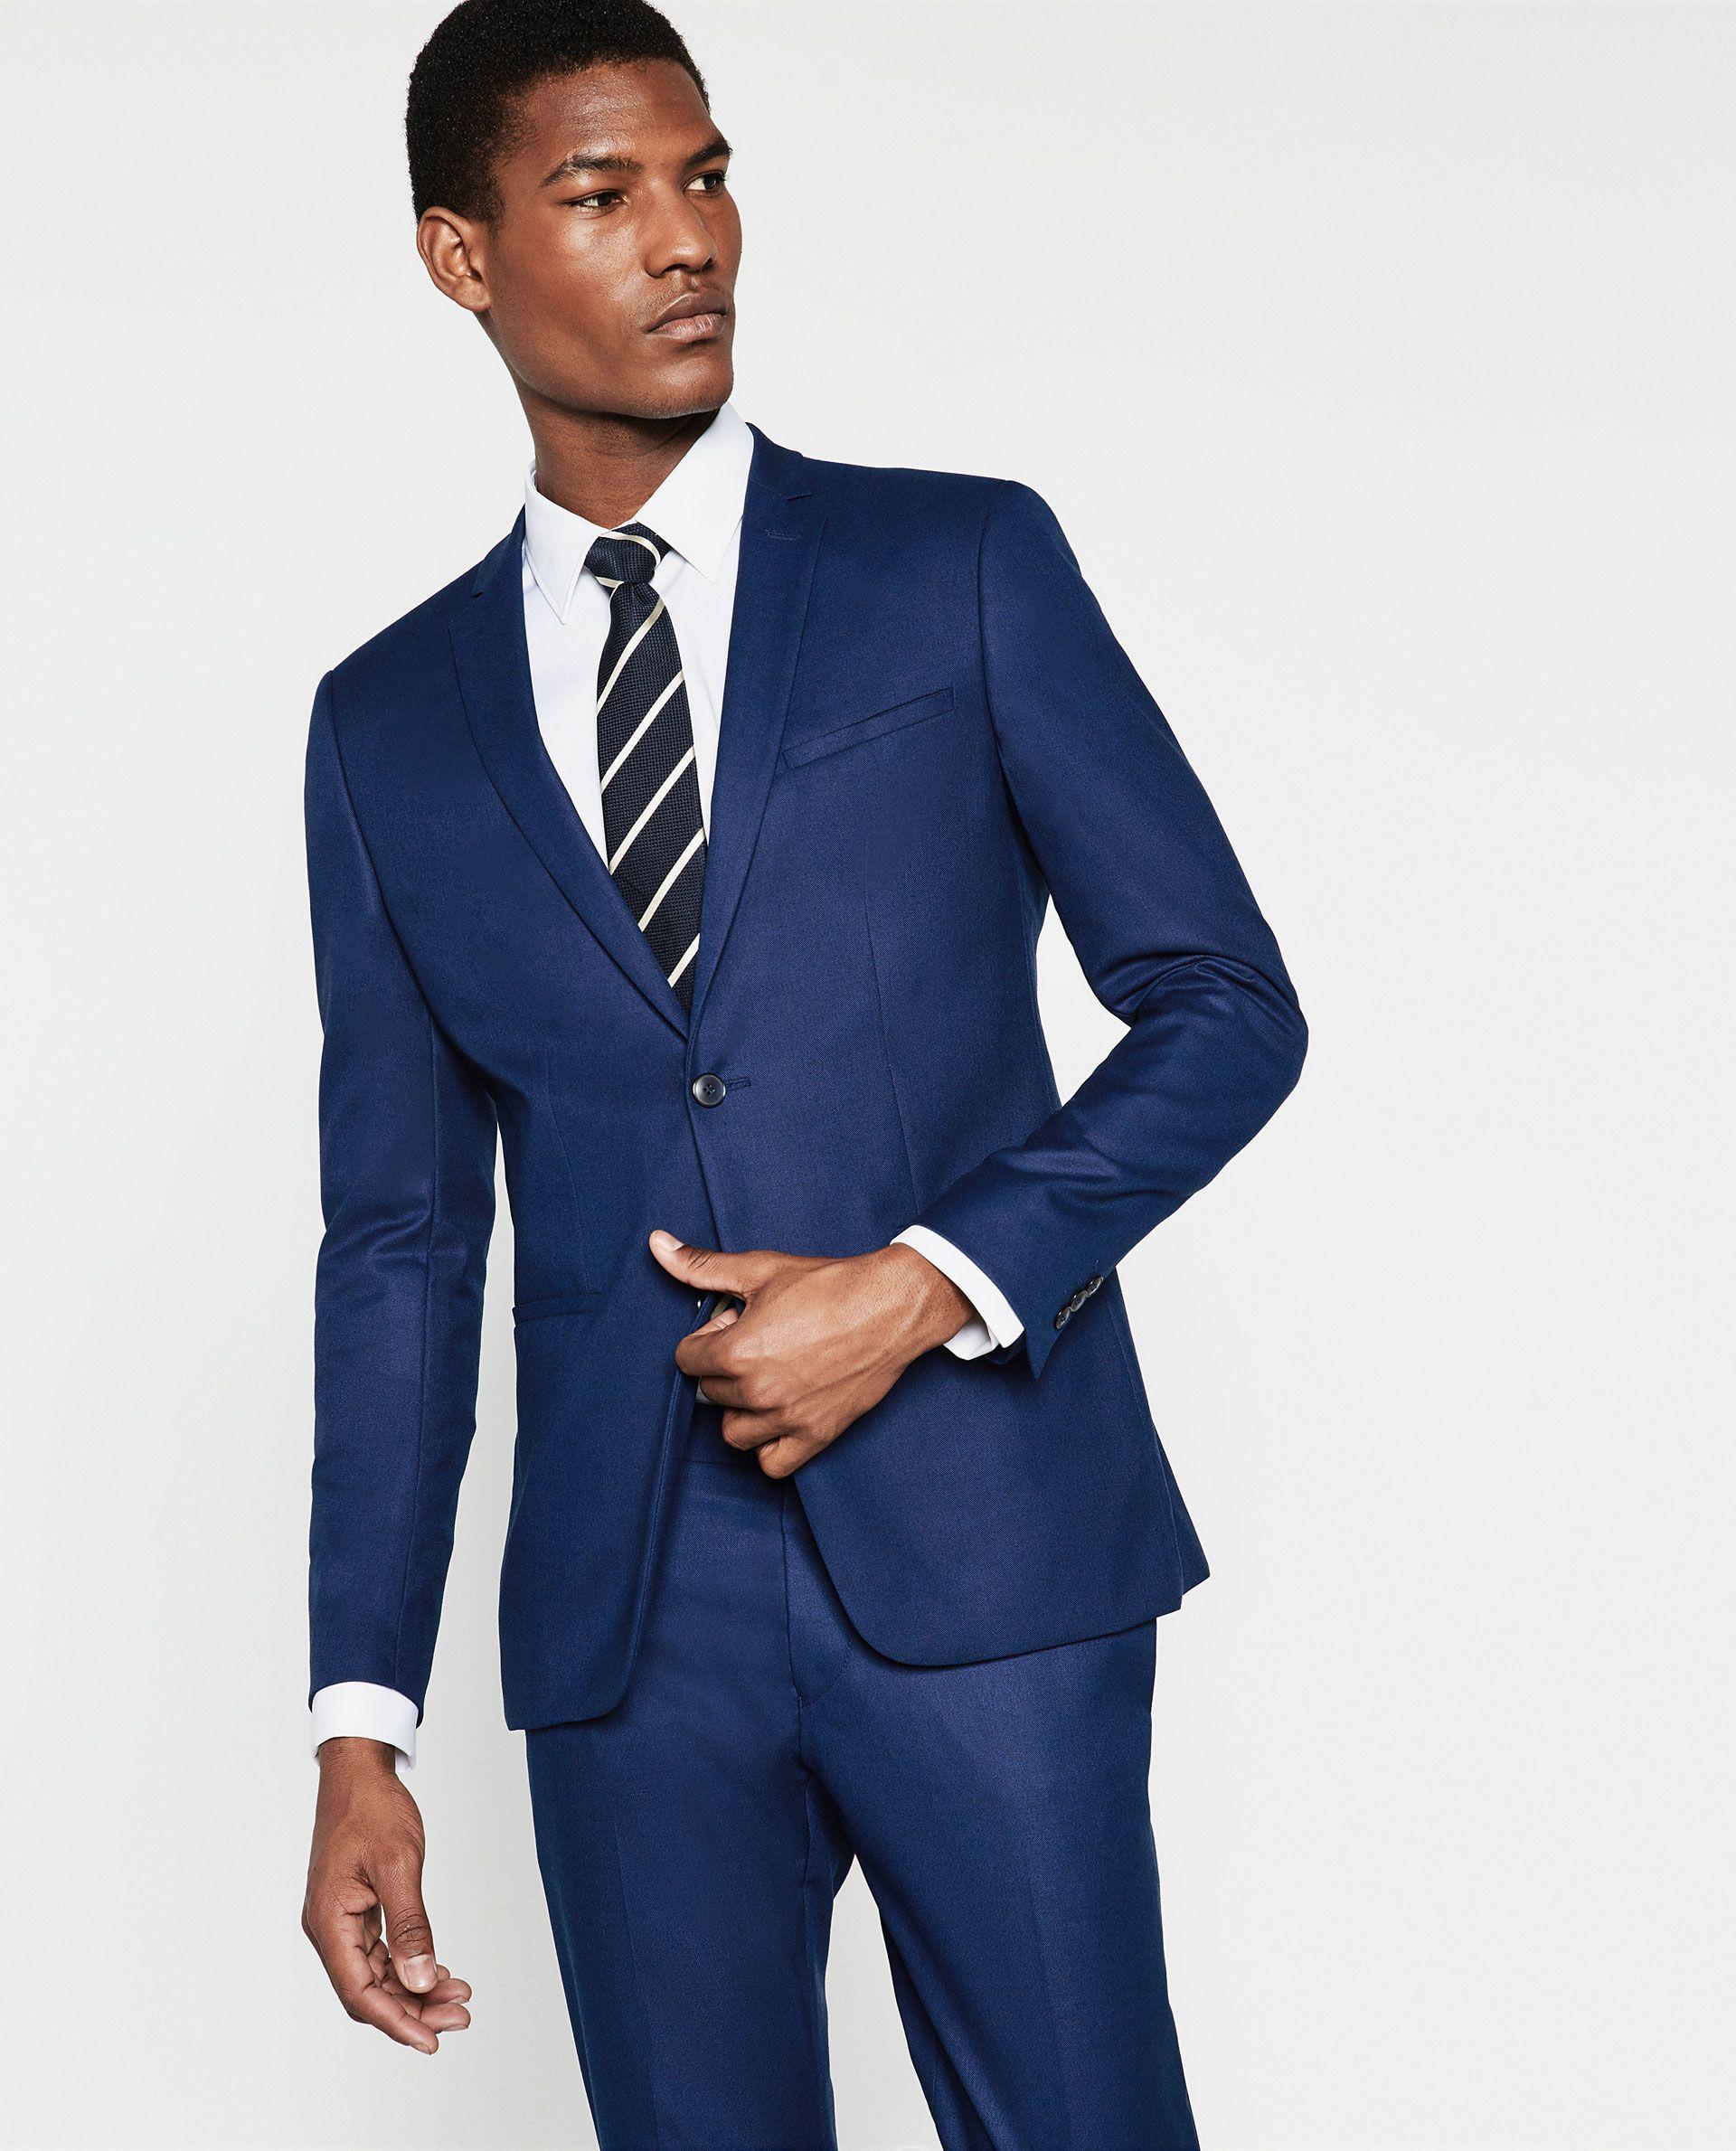 - スーツ-メンズ | ZARA 日本 | ZARA1【2019】 | Zara スーツ、スーツ メンズ、スーツ